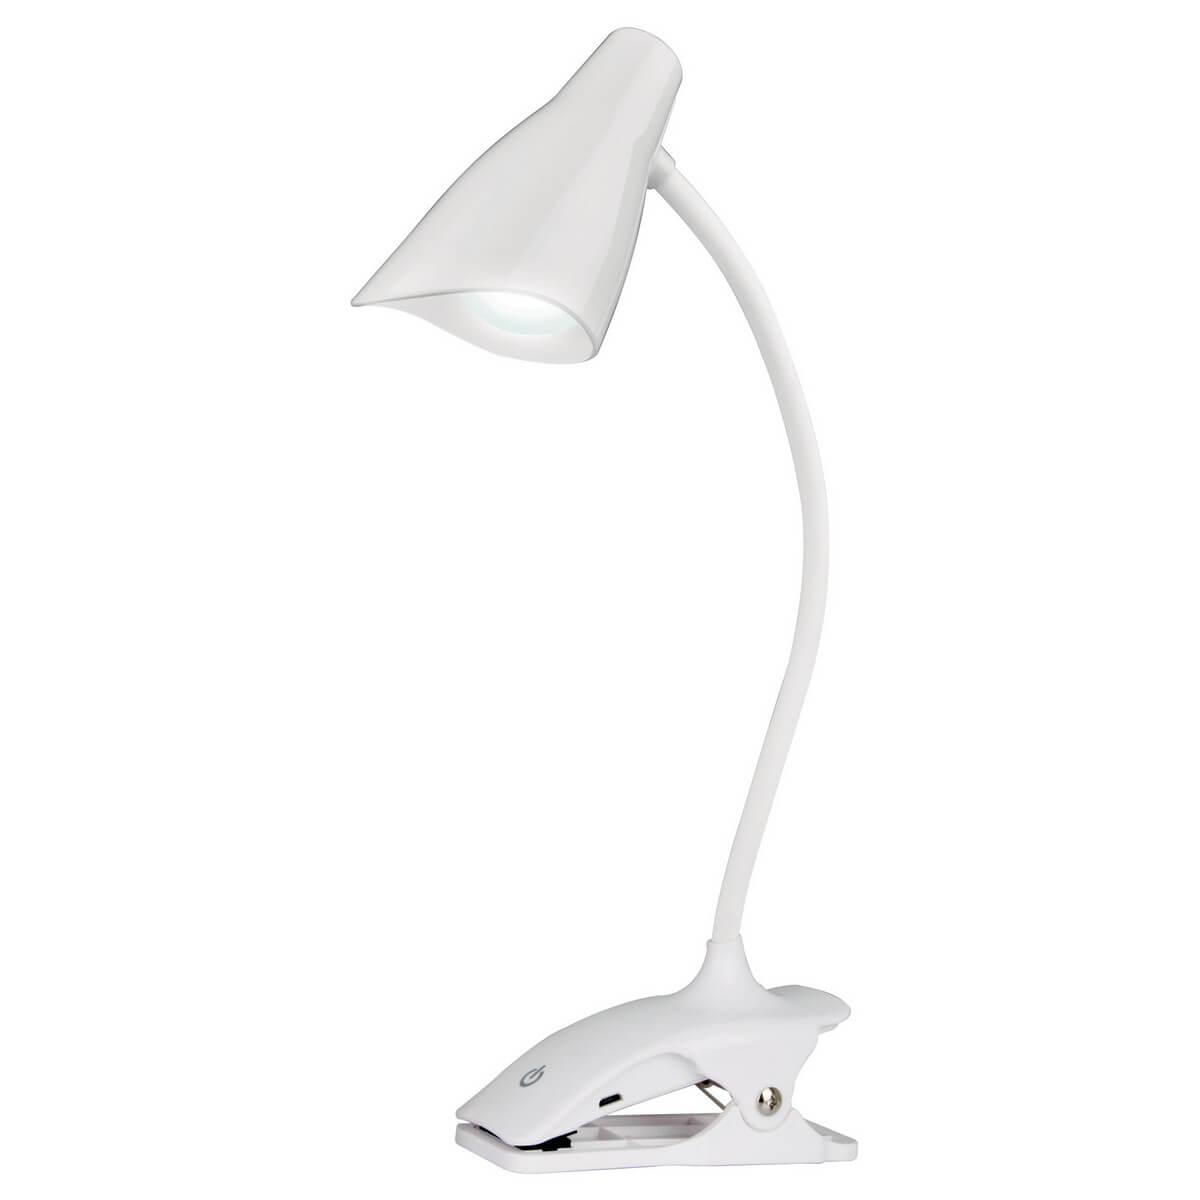 Настольная лампа (UL-00004143) Uniel TLD-560 White/LED/280Lm/5000K/Dimmer